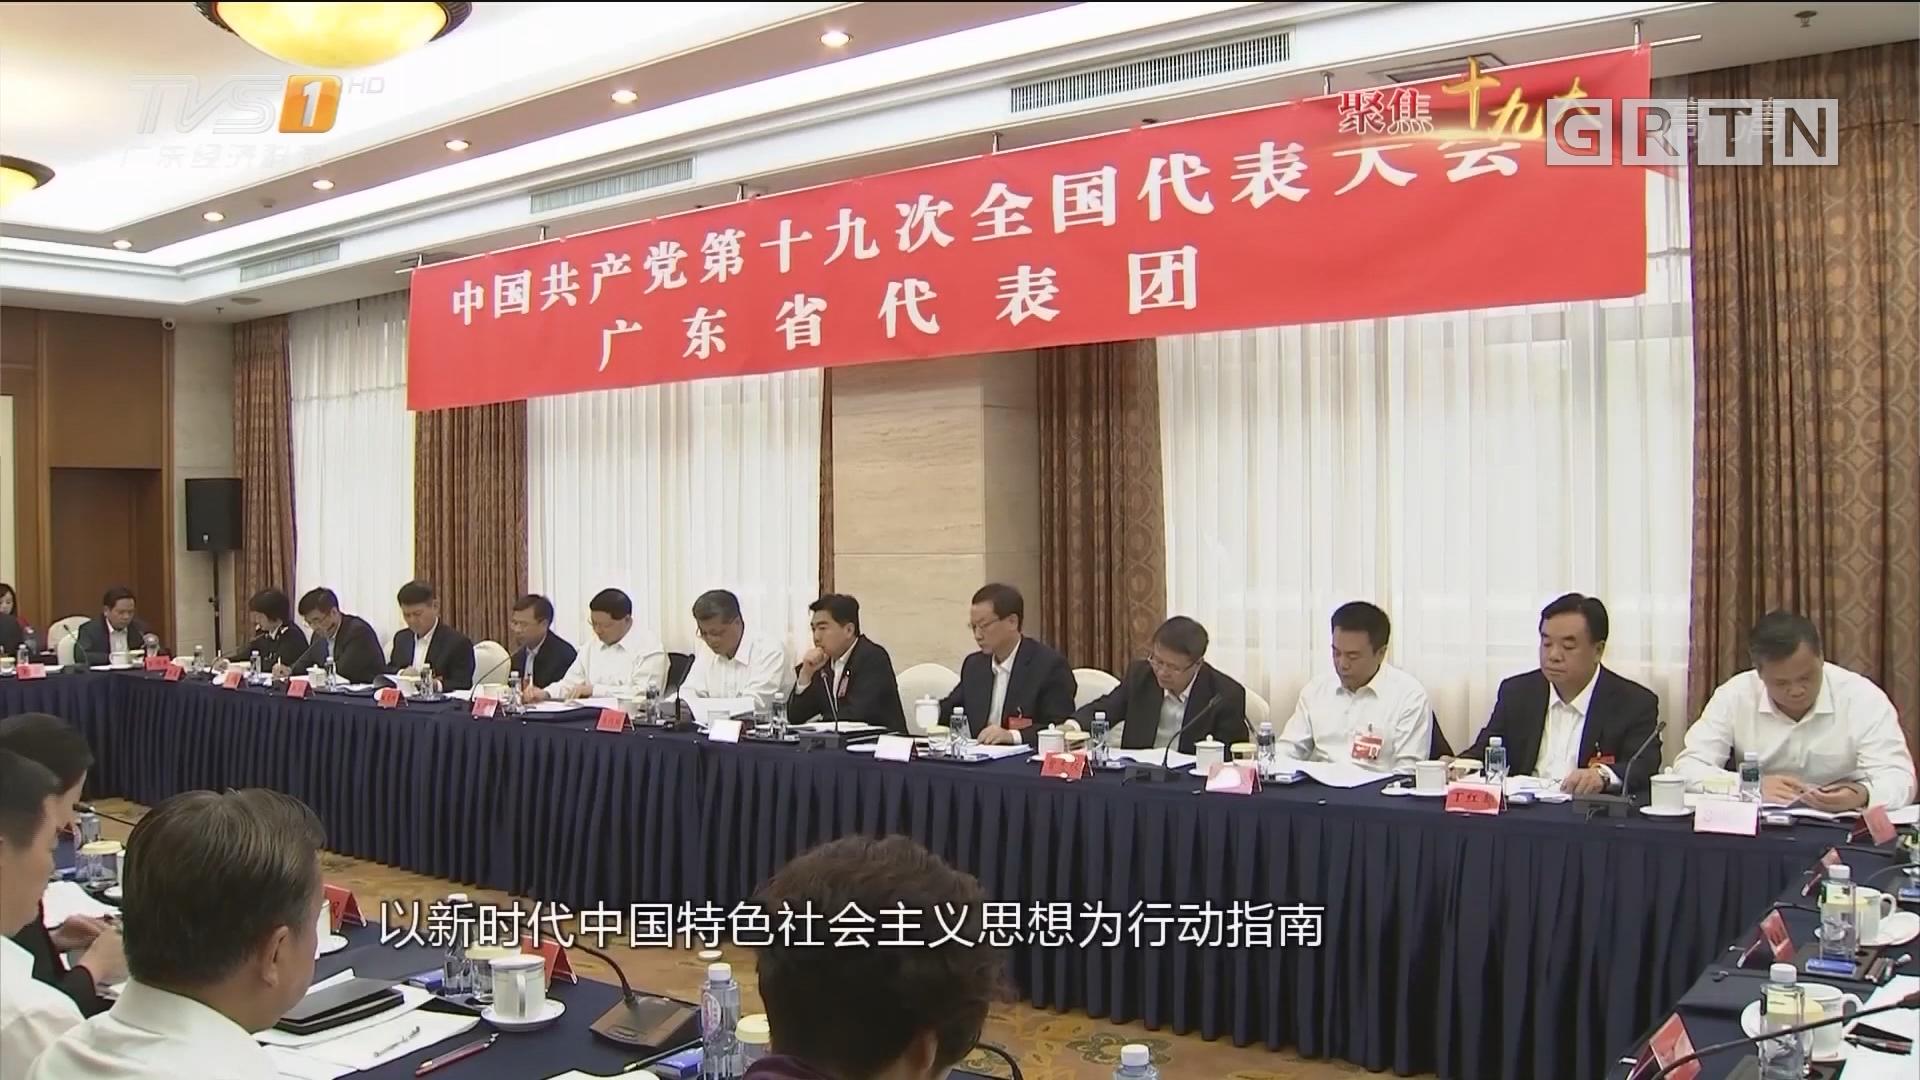 广东团代表热议十九大报告:决胜全面建成小康社会